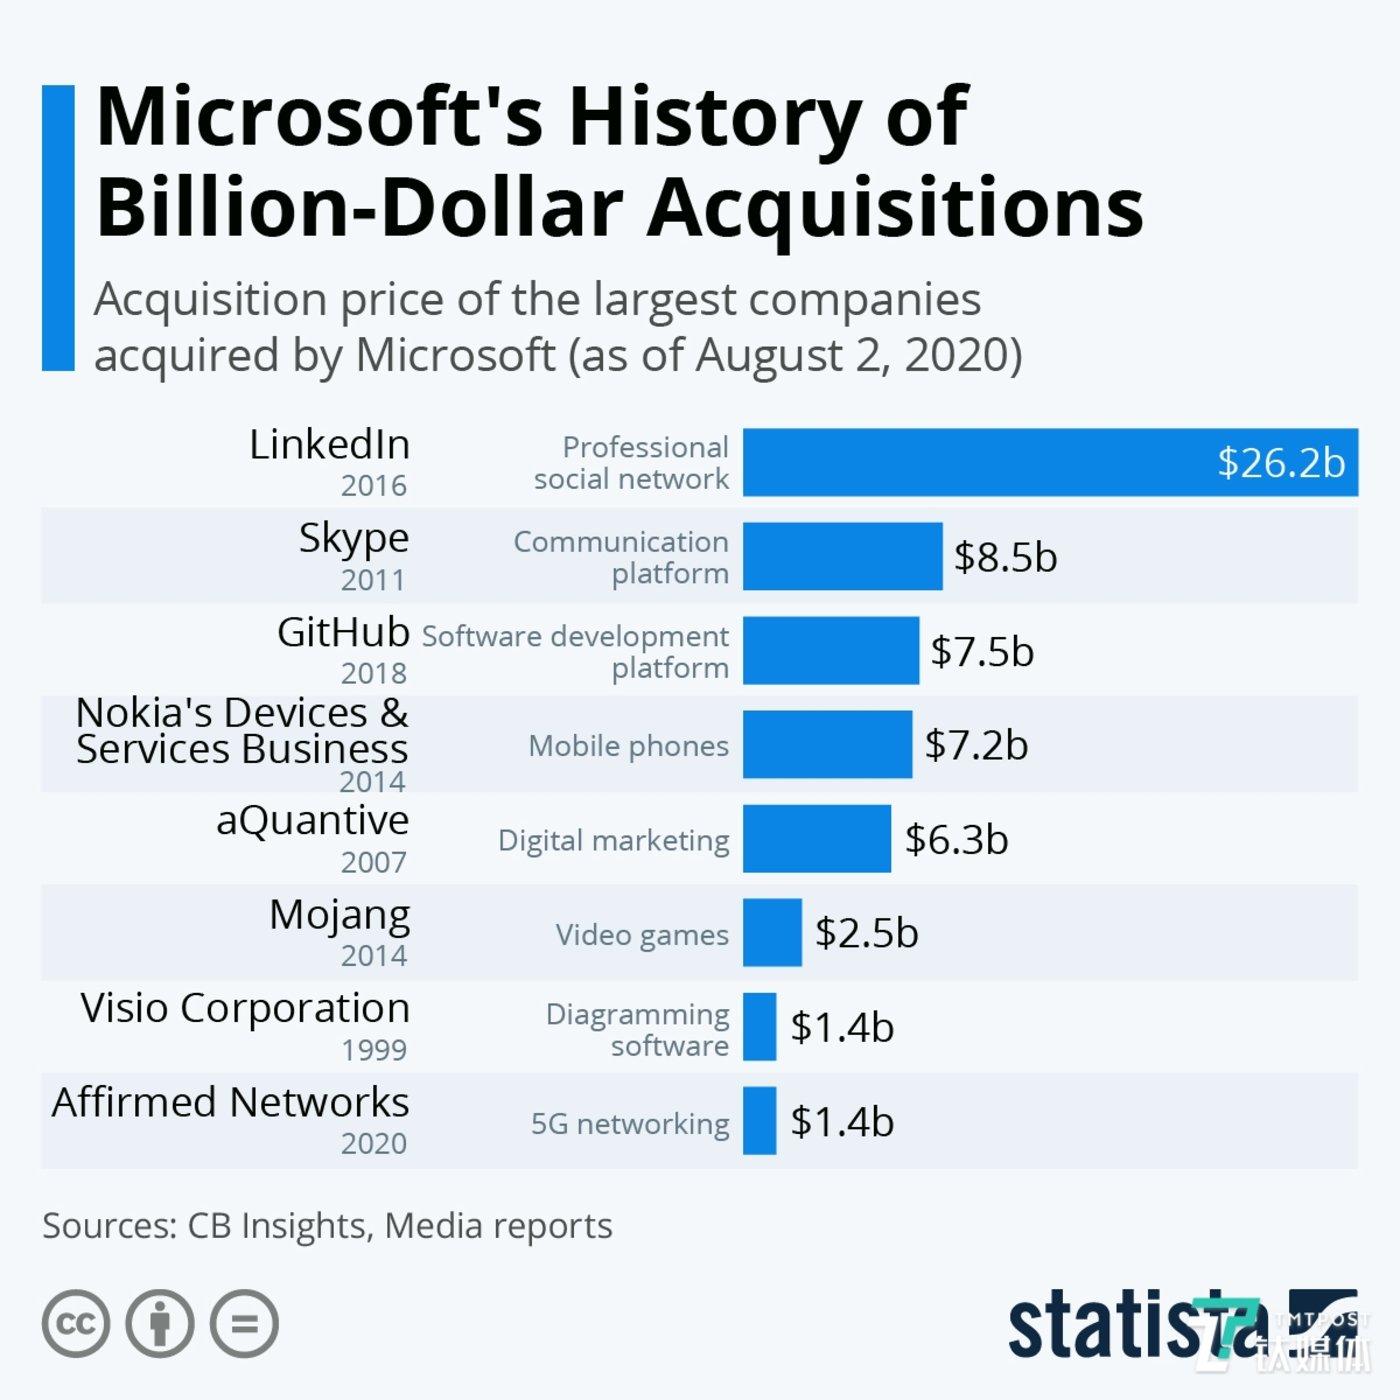 微软历史上数十亿美元的收购案(来源:Statista)